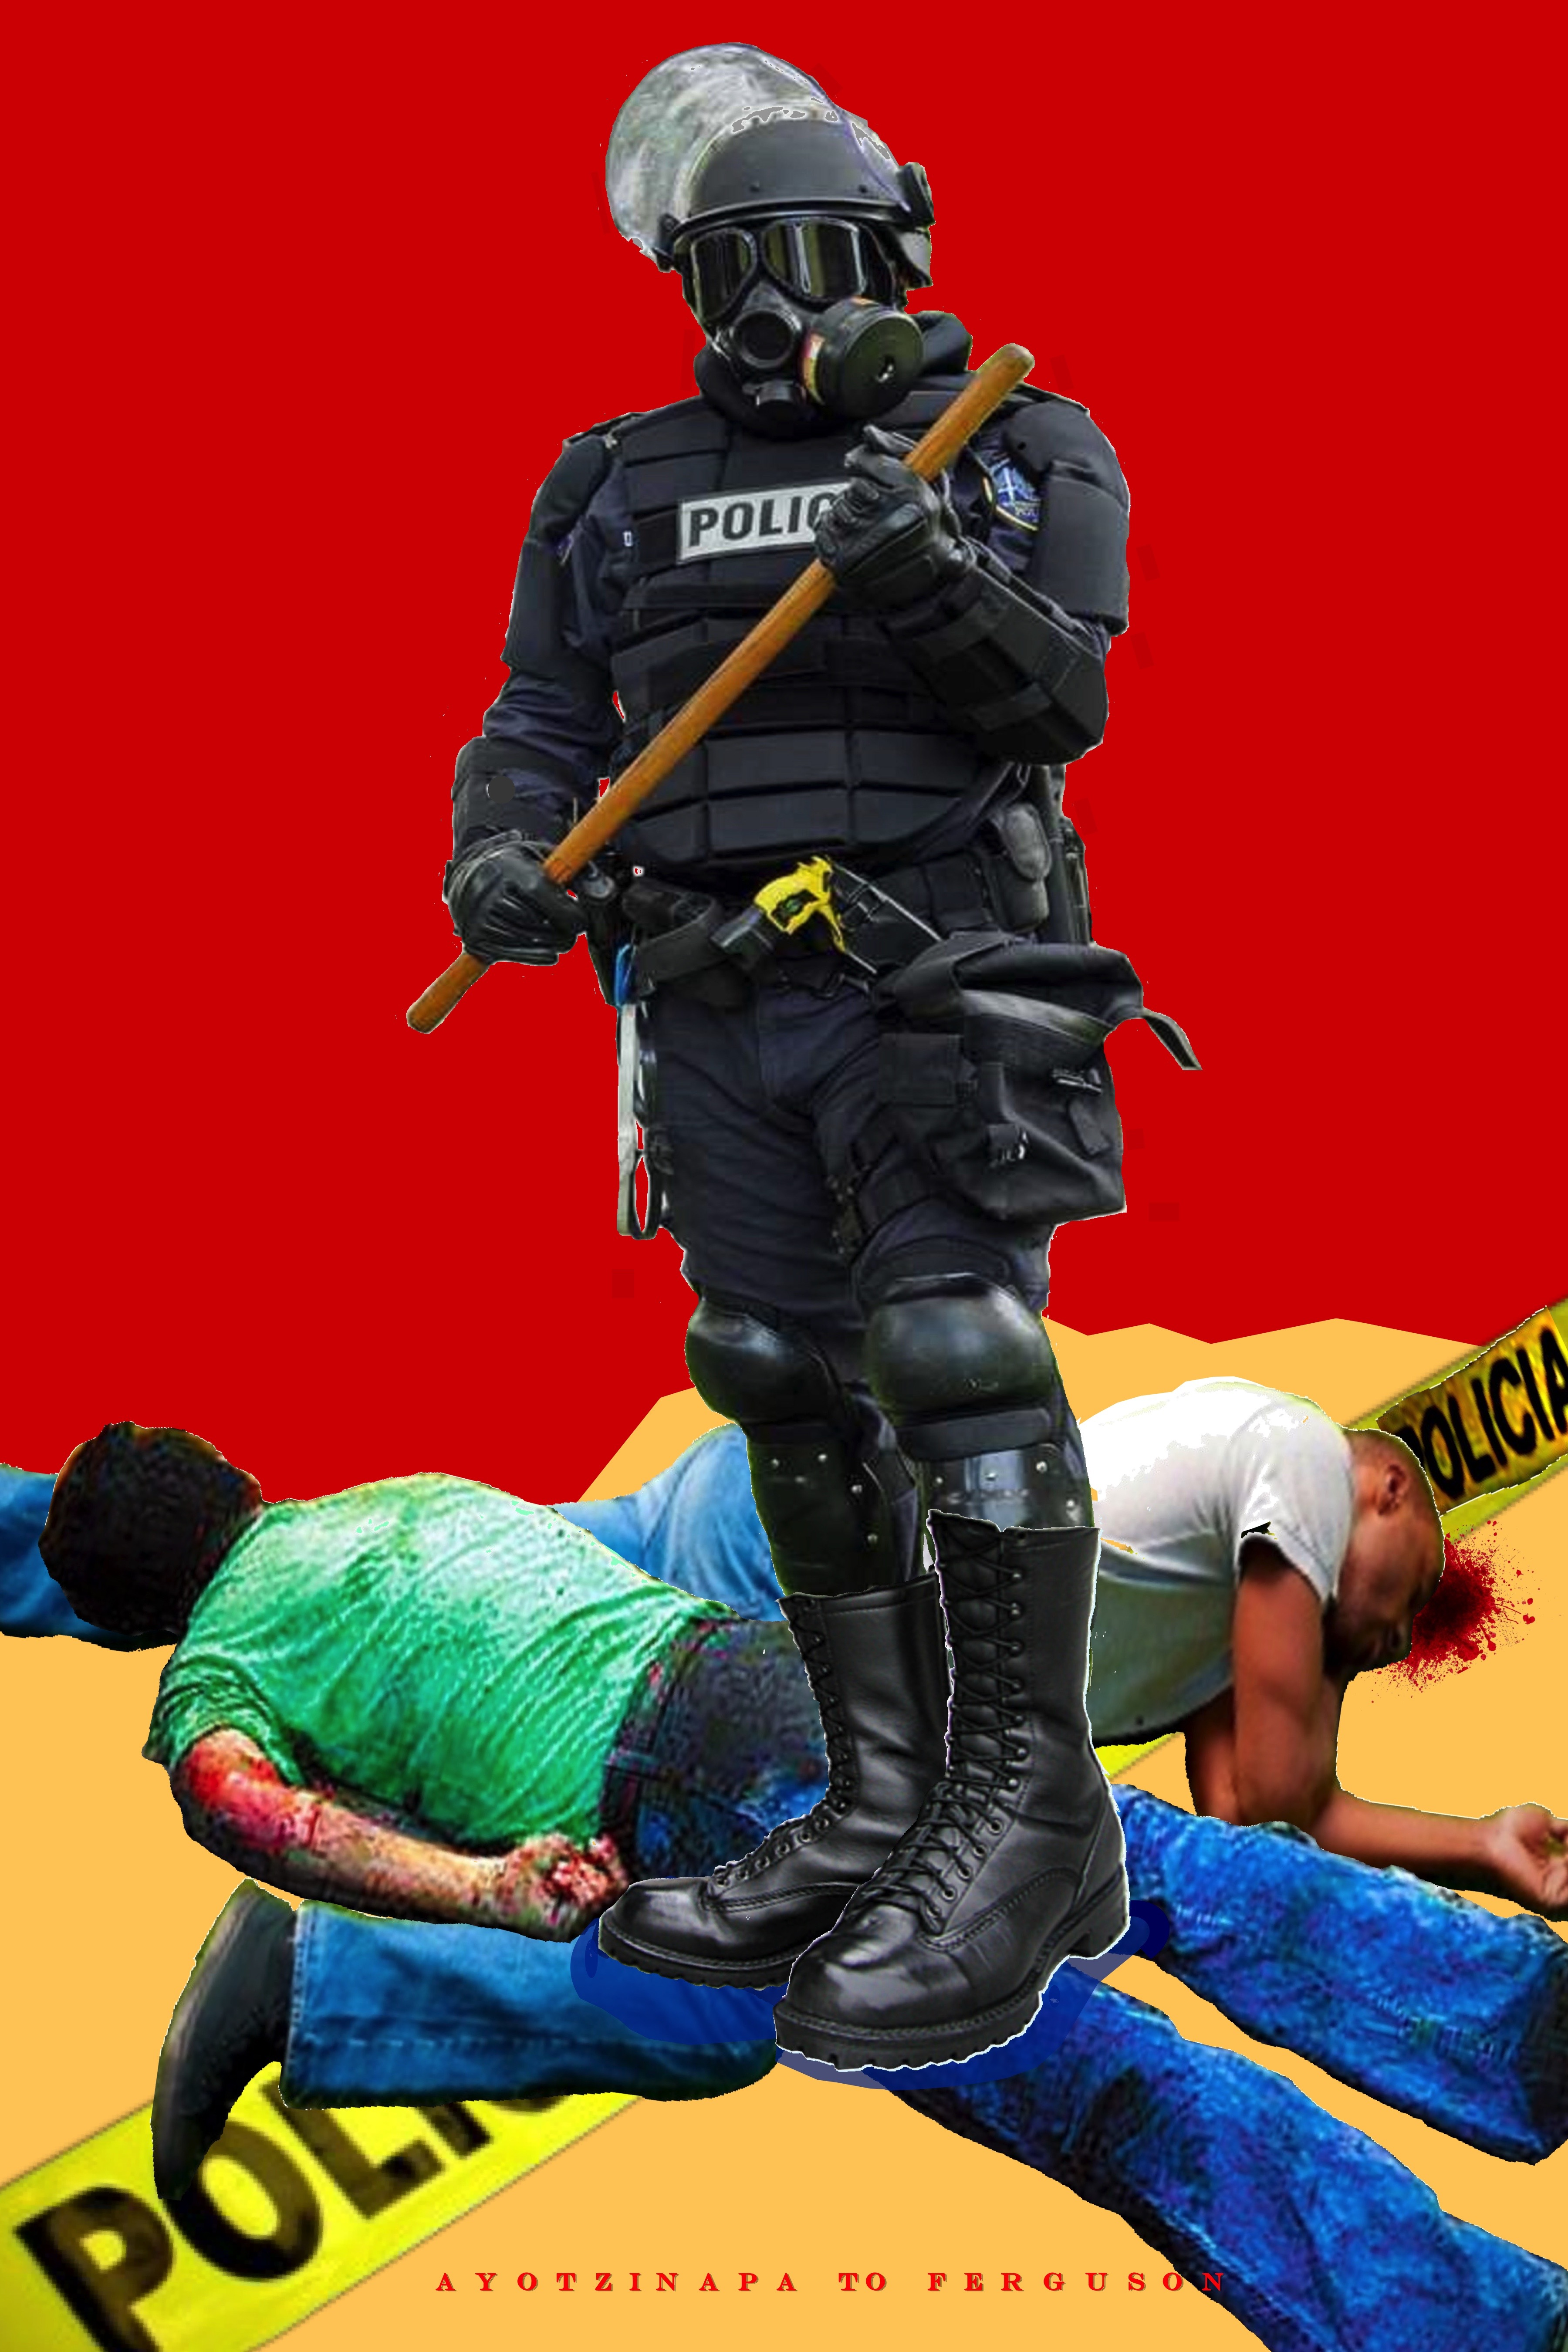 Ayotzinapa to Ferguson, 2016